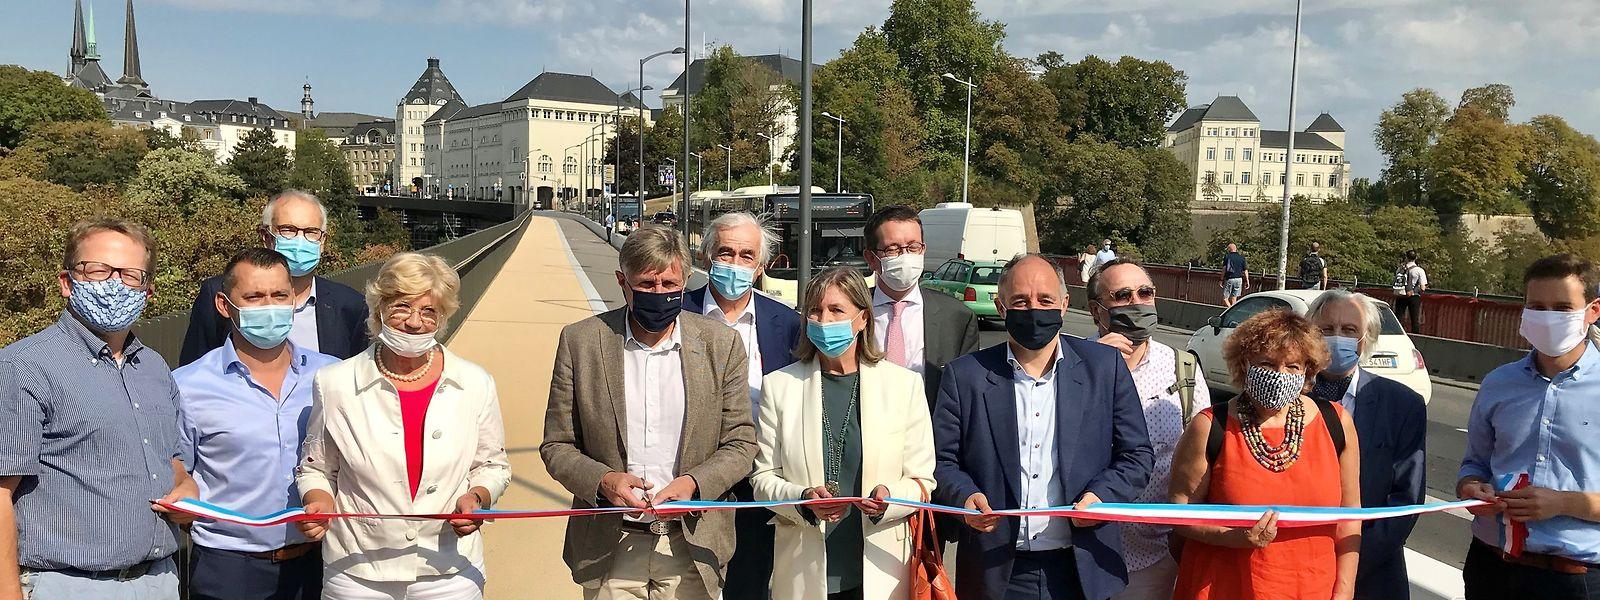 Mobilitätsminister François Bausch weihte am Mittwoch den neuen Radweg samt Bürgersteig ein.